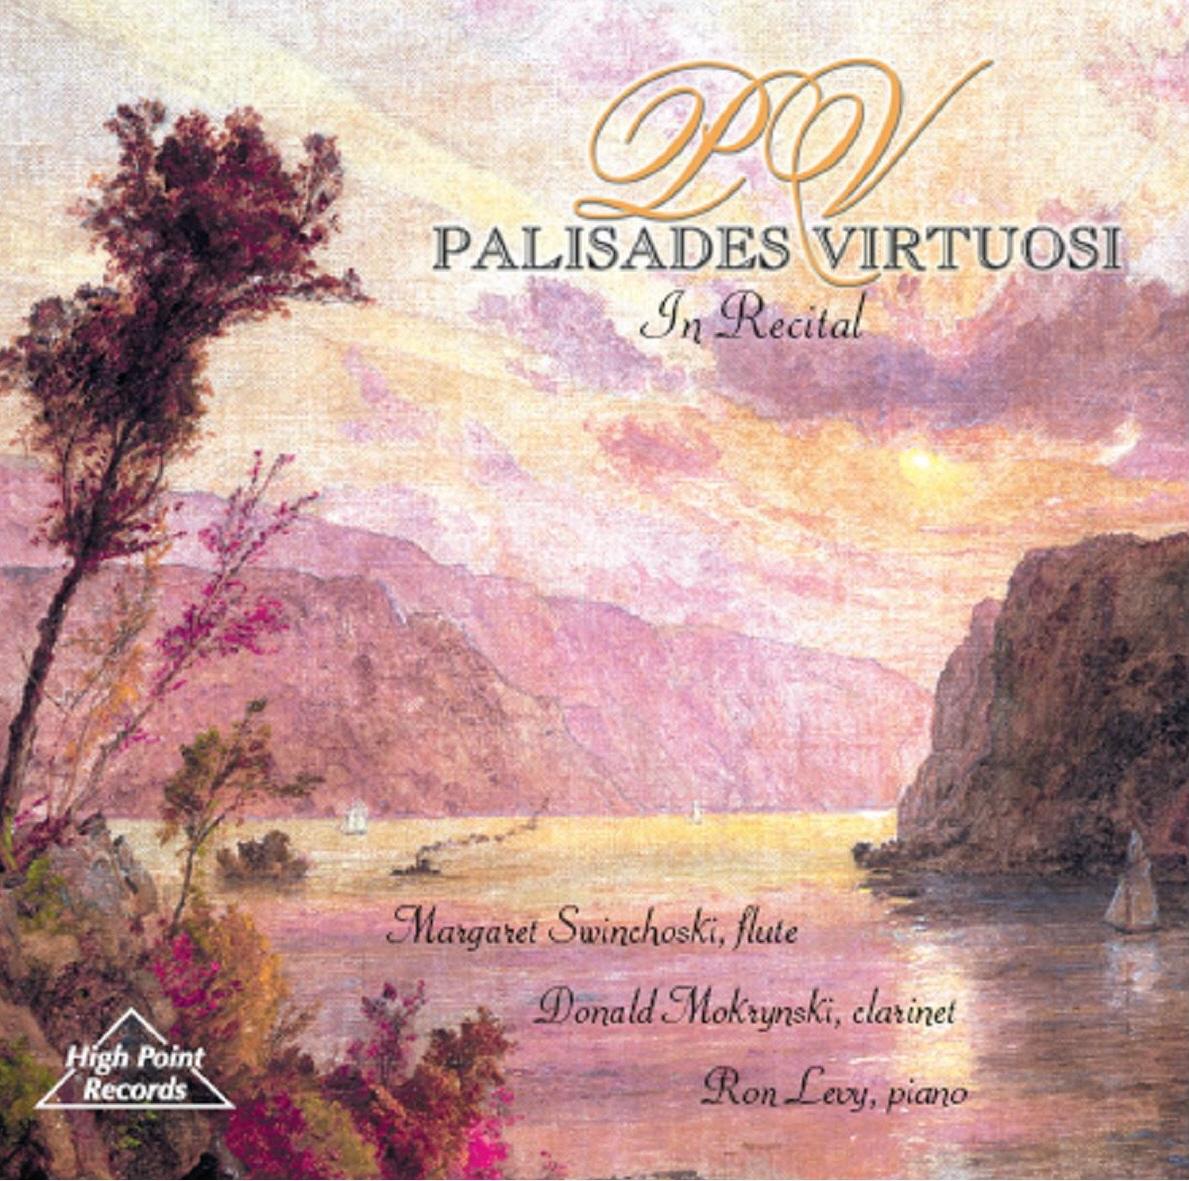 PV in Recital